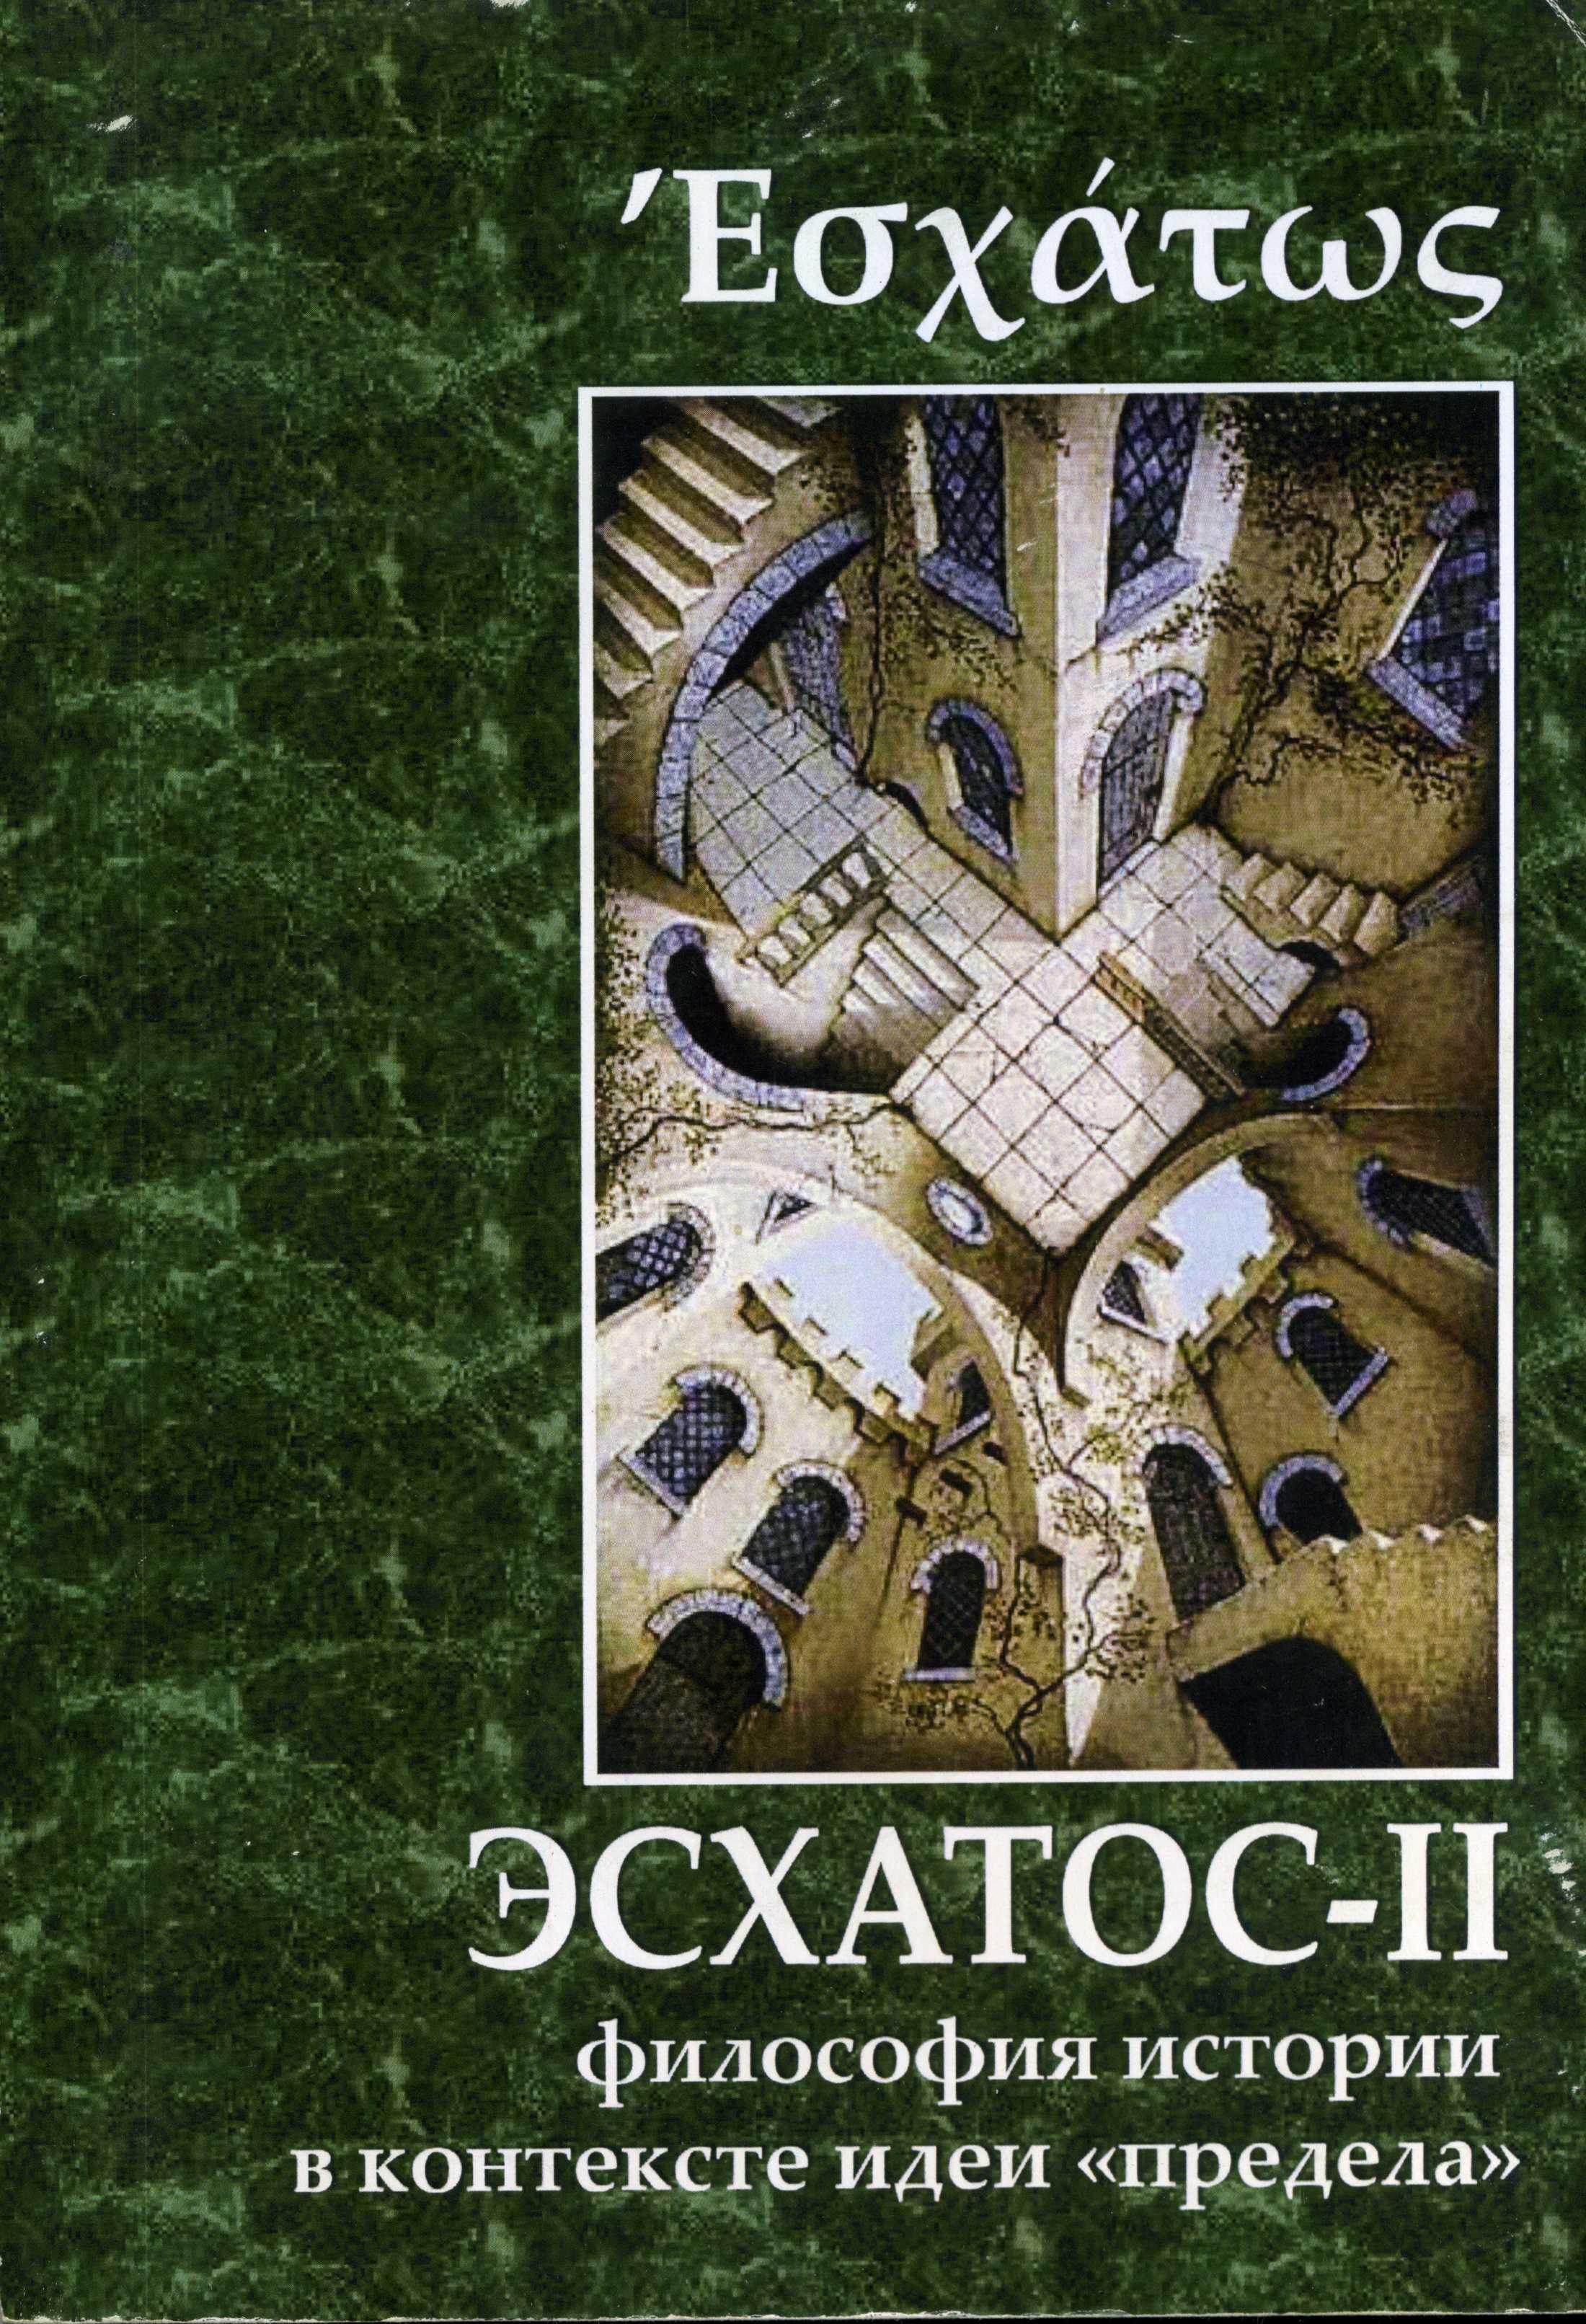 Эсхатос-II: Философия истории в контексте идеи «предела»